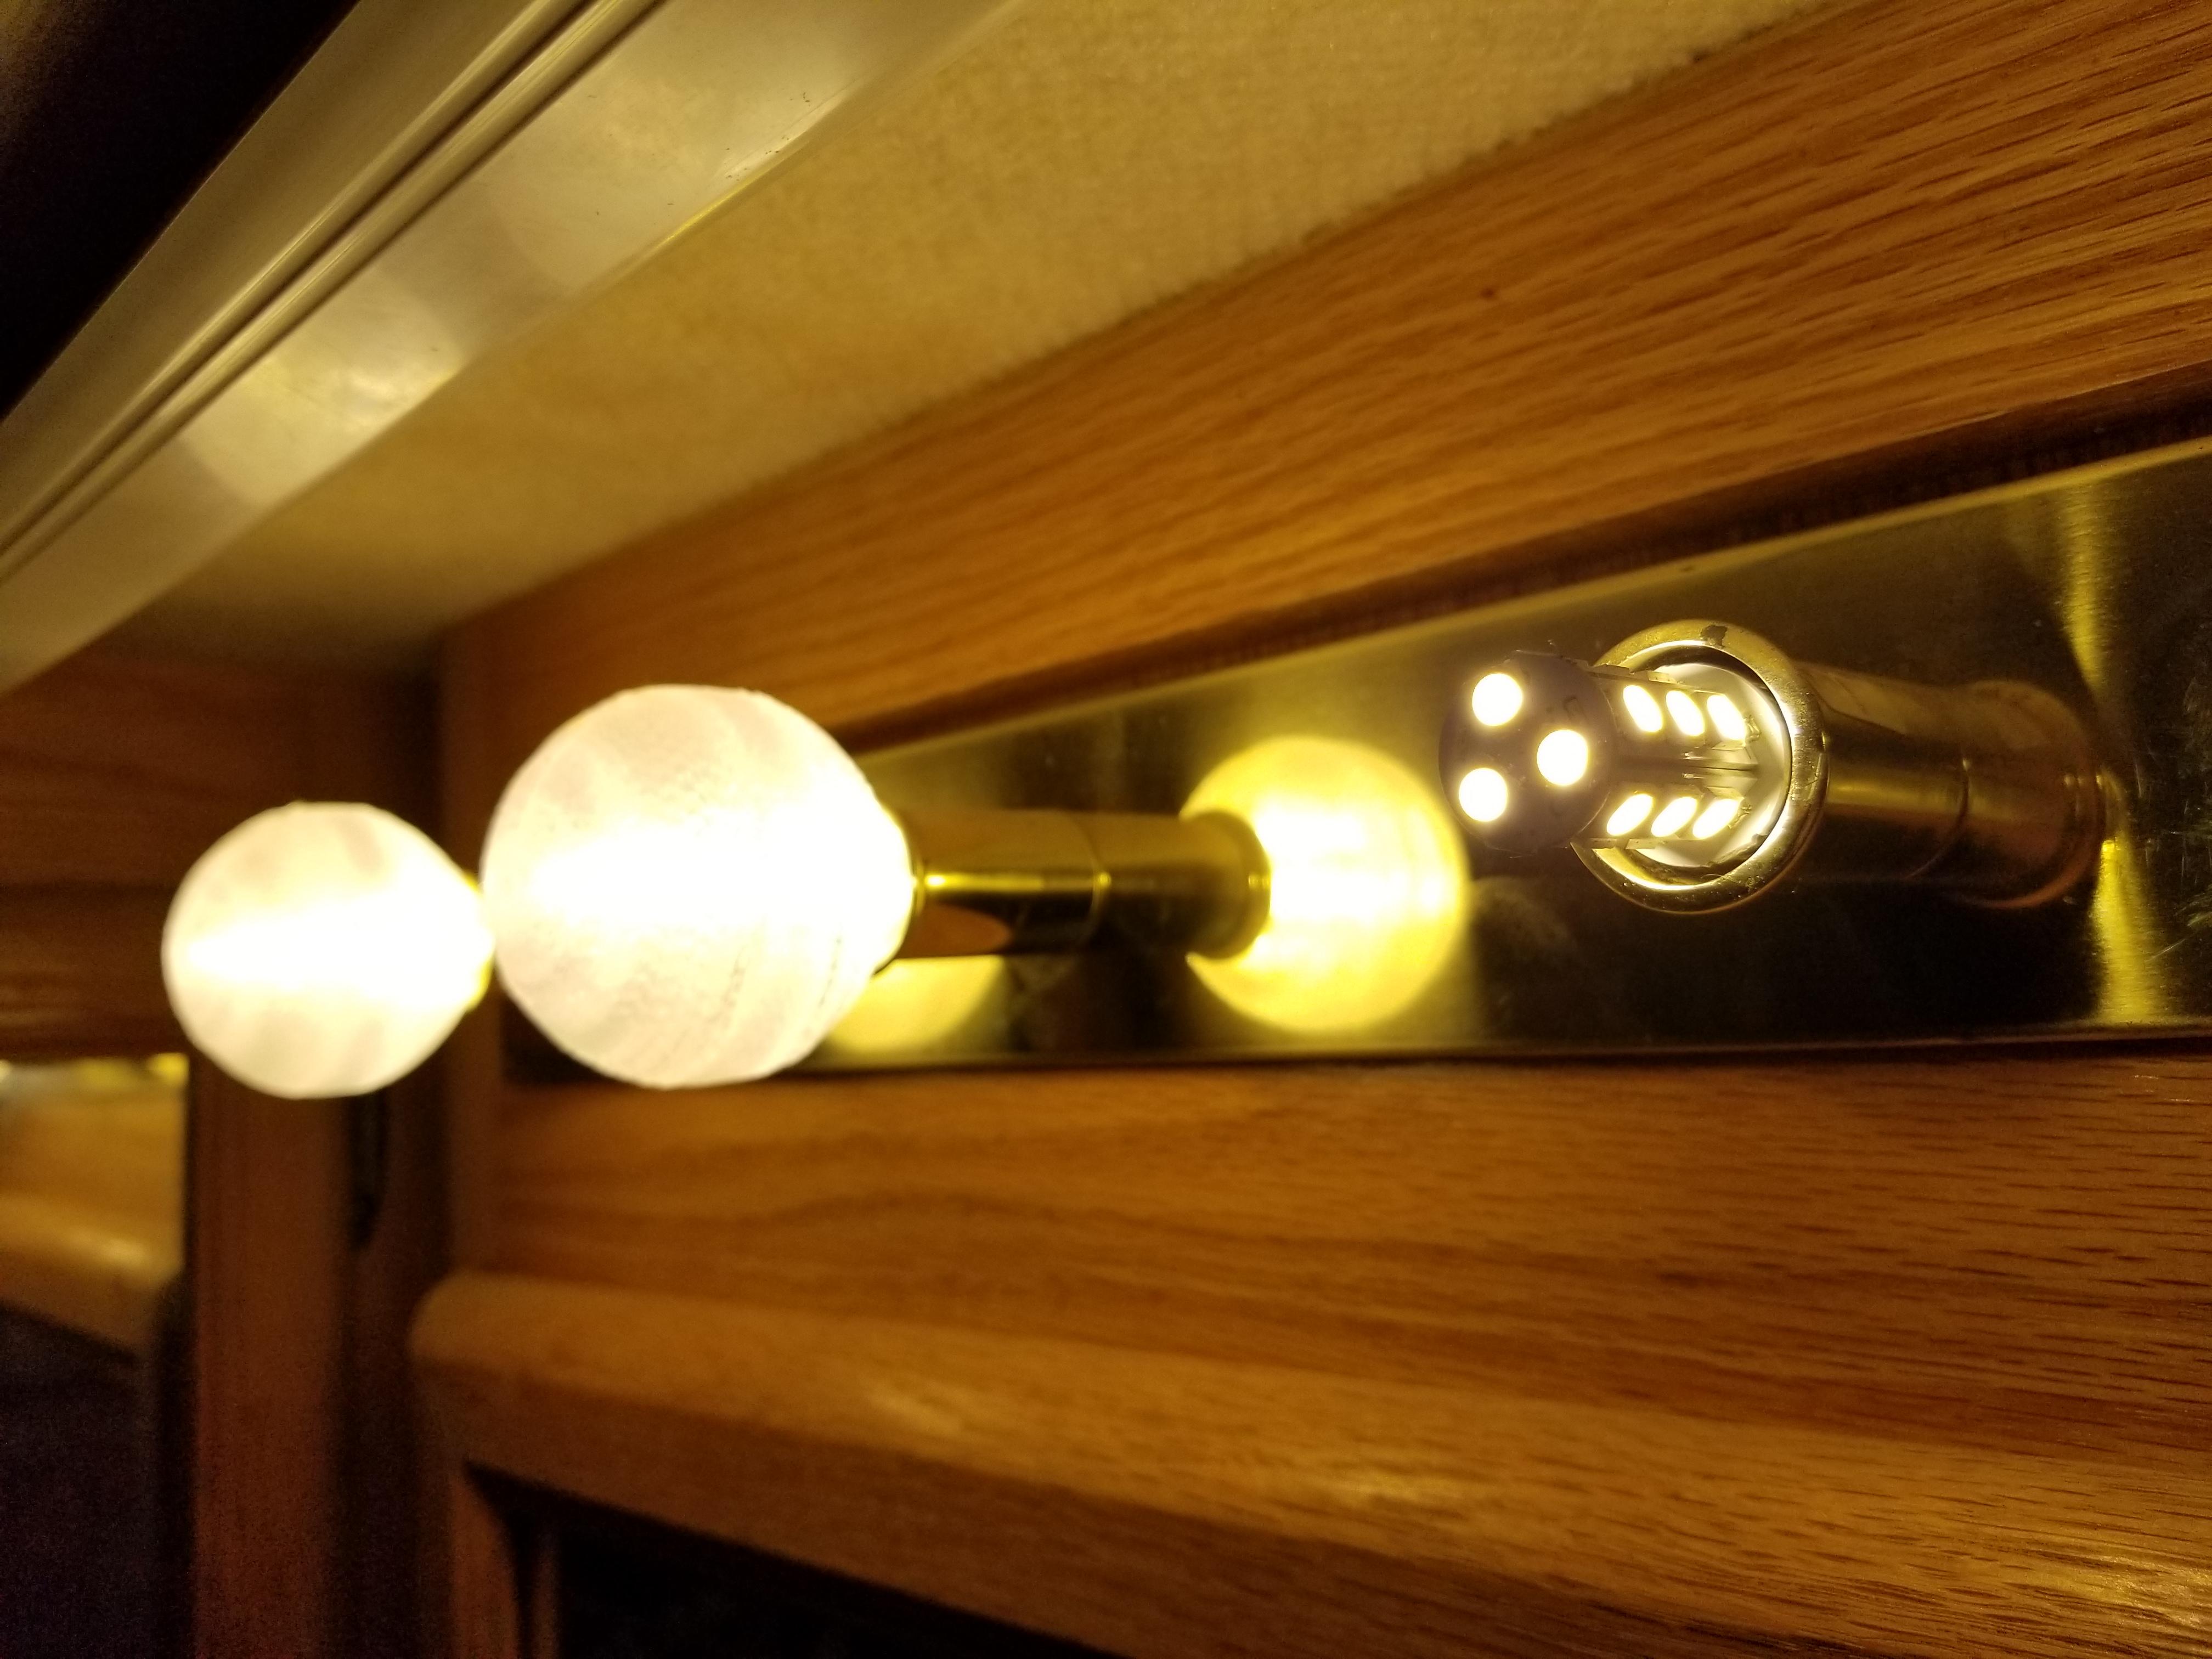 Motorhome Vanity LED light globe by noslenwerdna - Thingiverse